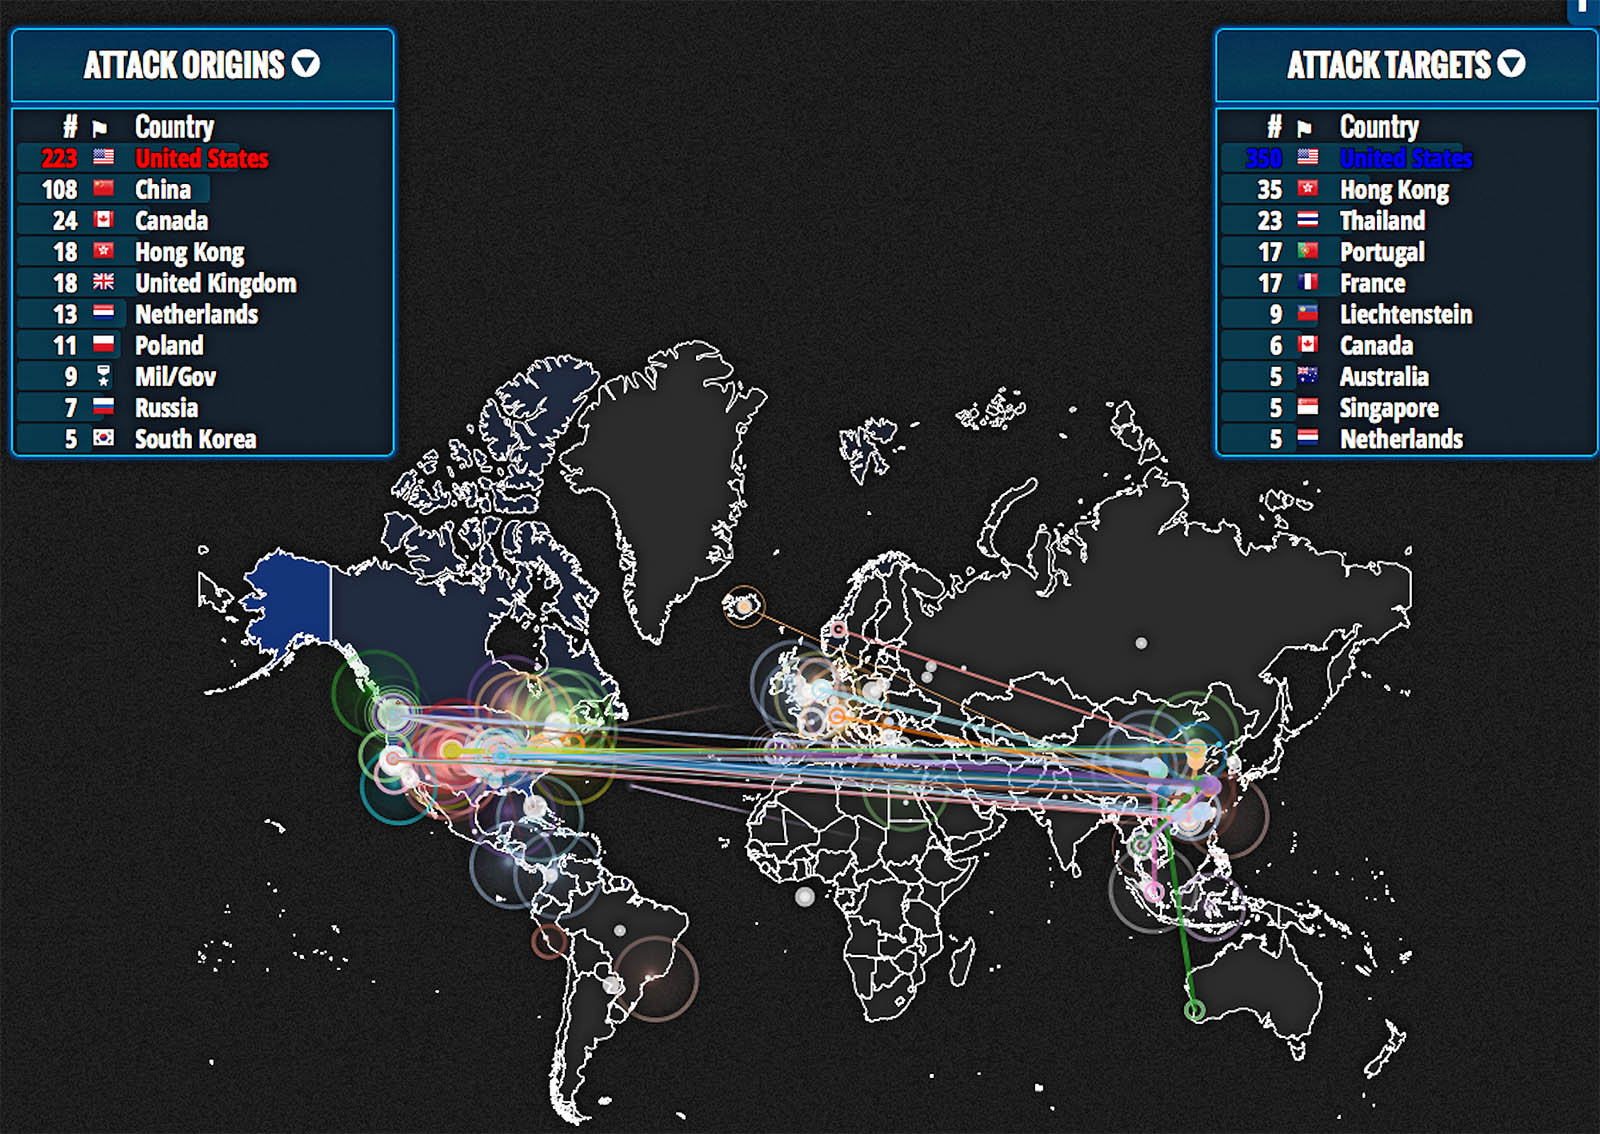 Ciberataque en Singapur: Hackers robaron 1,5 millones de informes médicos